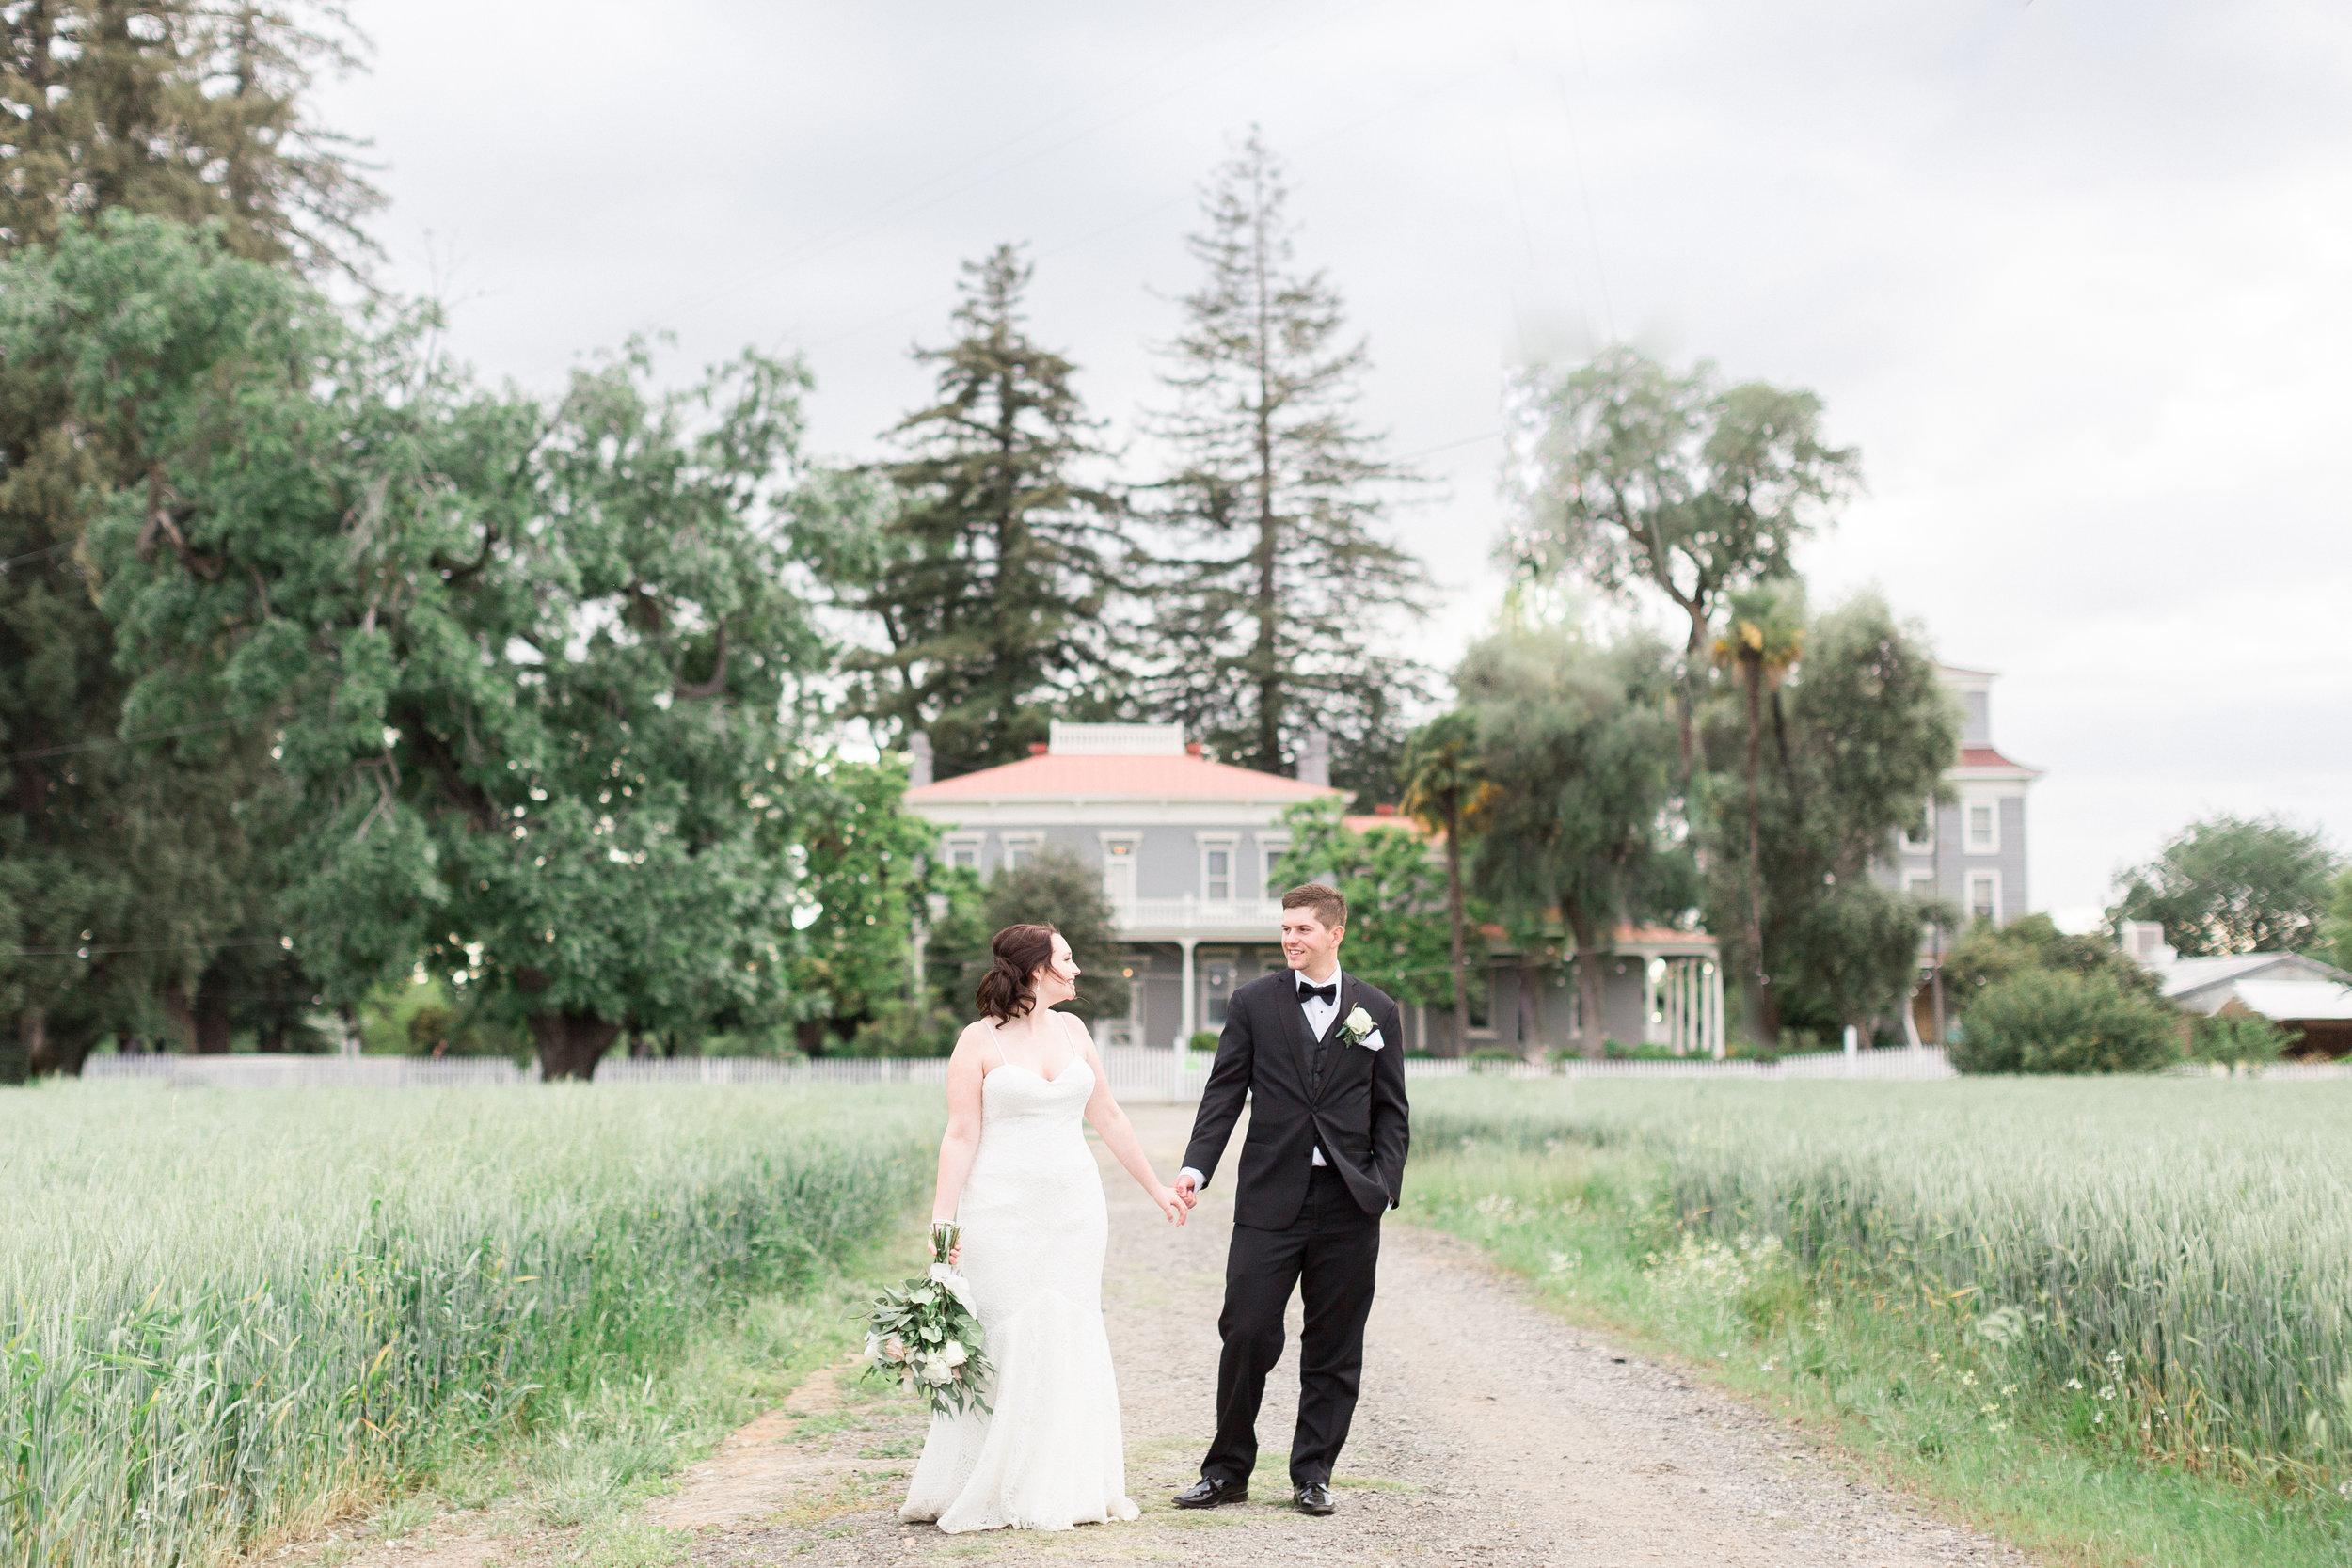 best-wedding-venues-in-chico-cajpg